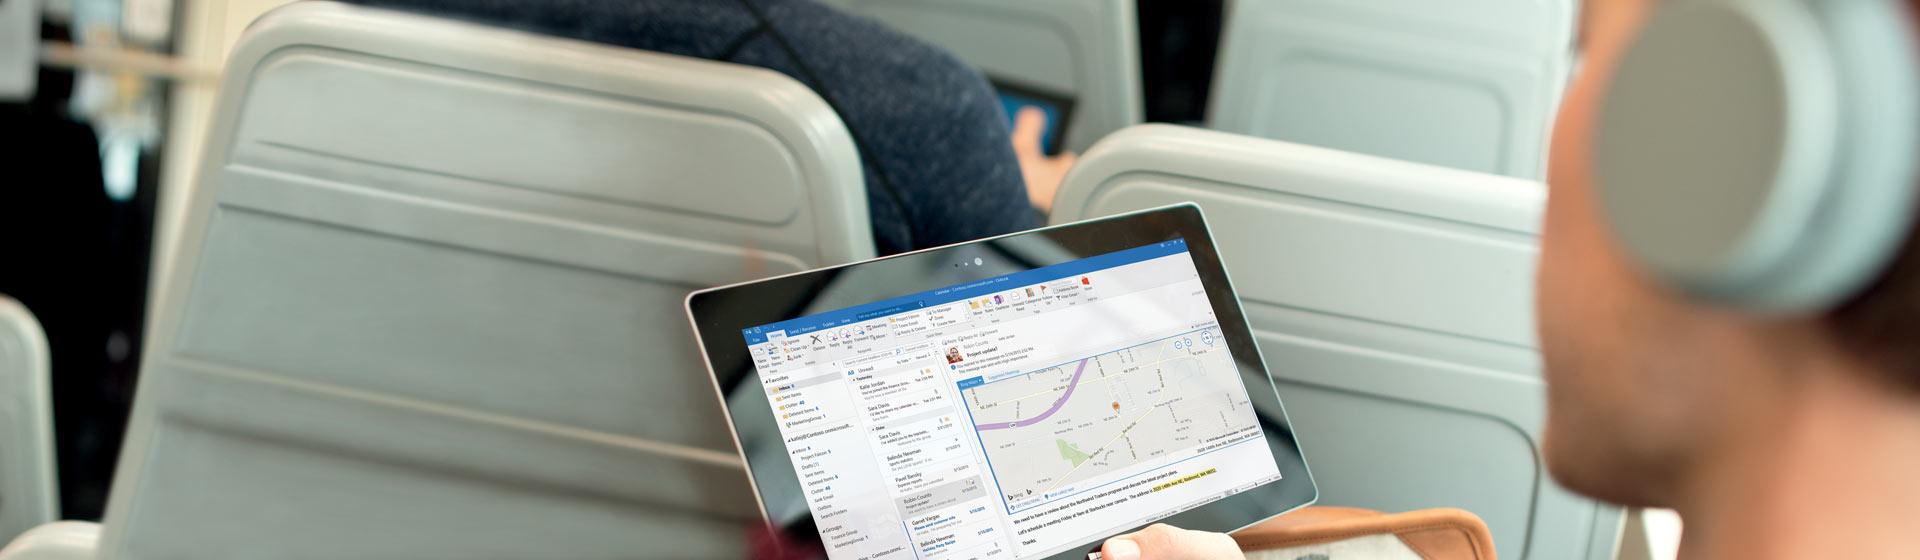 รูปภาพผู้ชายถือแท็บเล็ตที่กำลังแสดงกล่องขาเข้าอีเมลของเขาใน Office 365